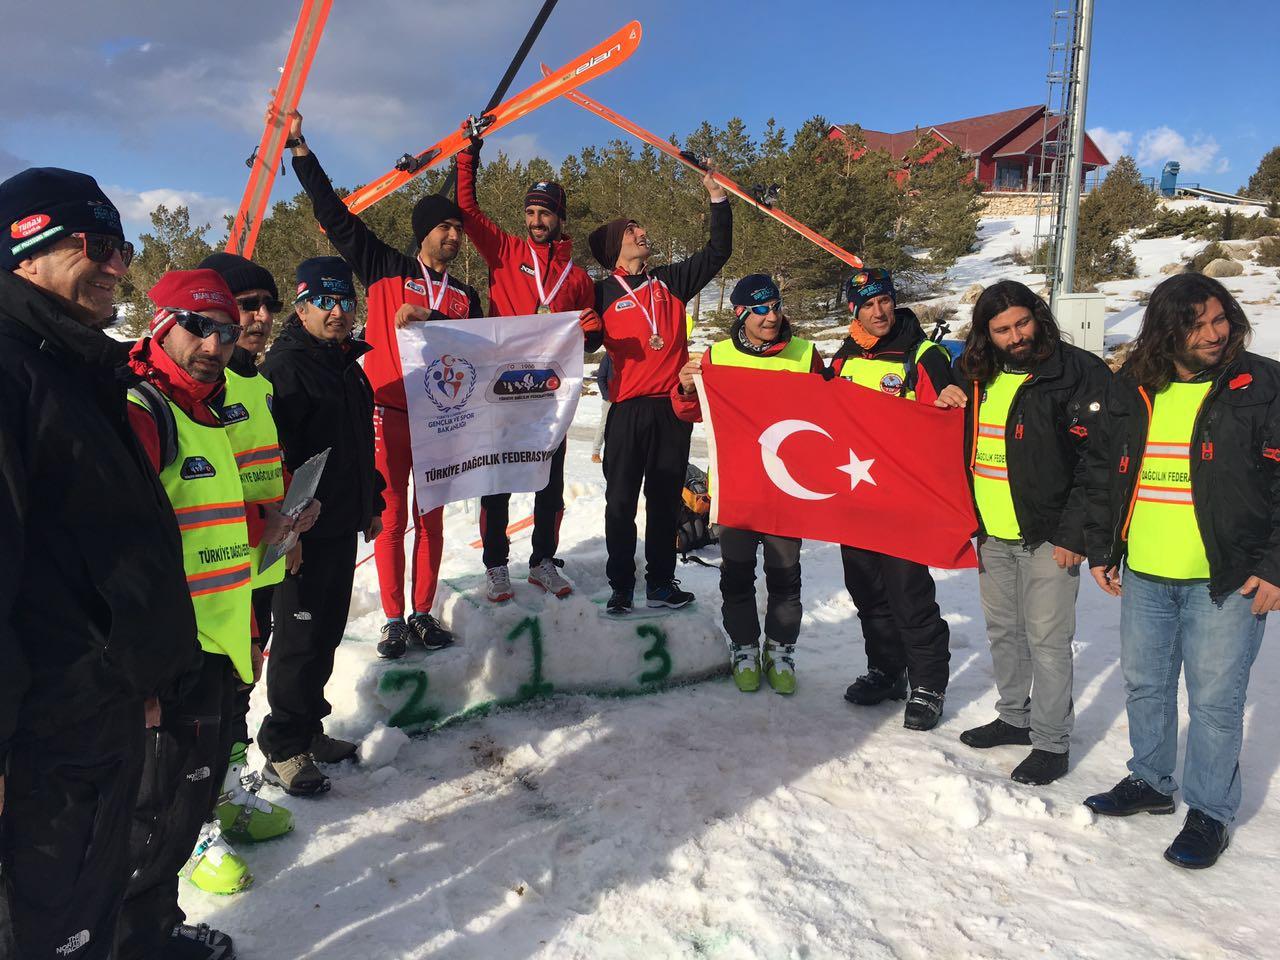 Dağ Kayağı Türkiye Şampiyonası 2017 Ergan Dağı'nda tamamlandı.